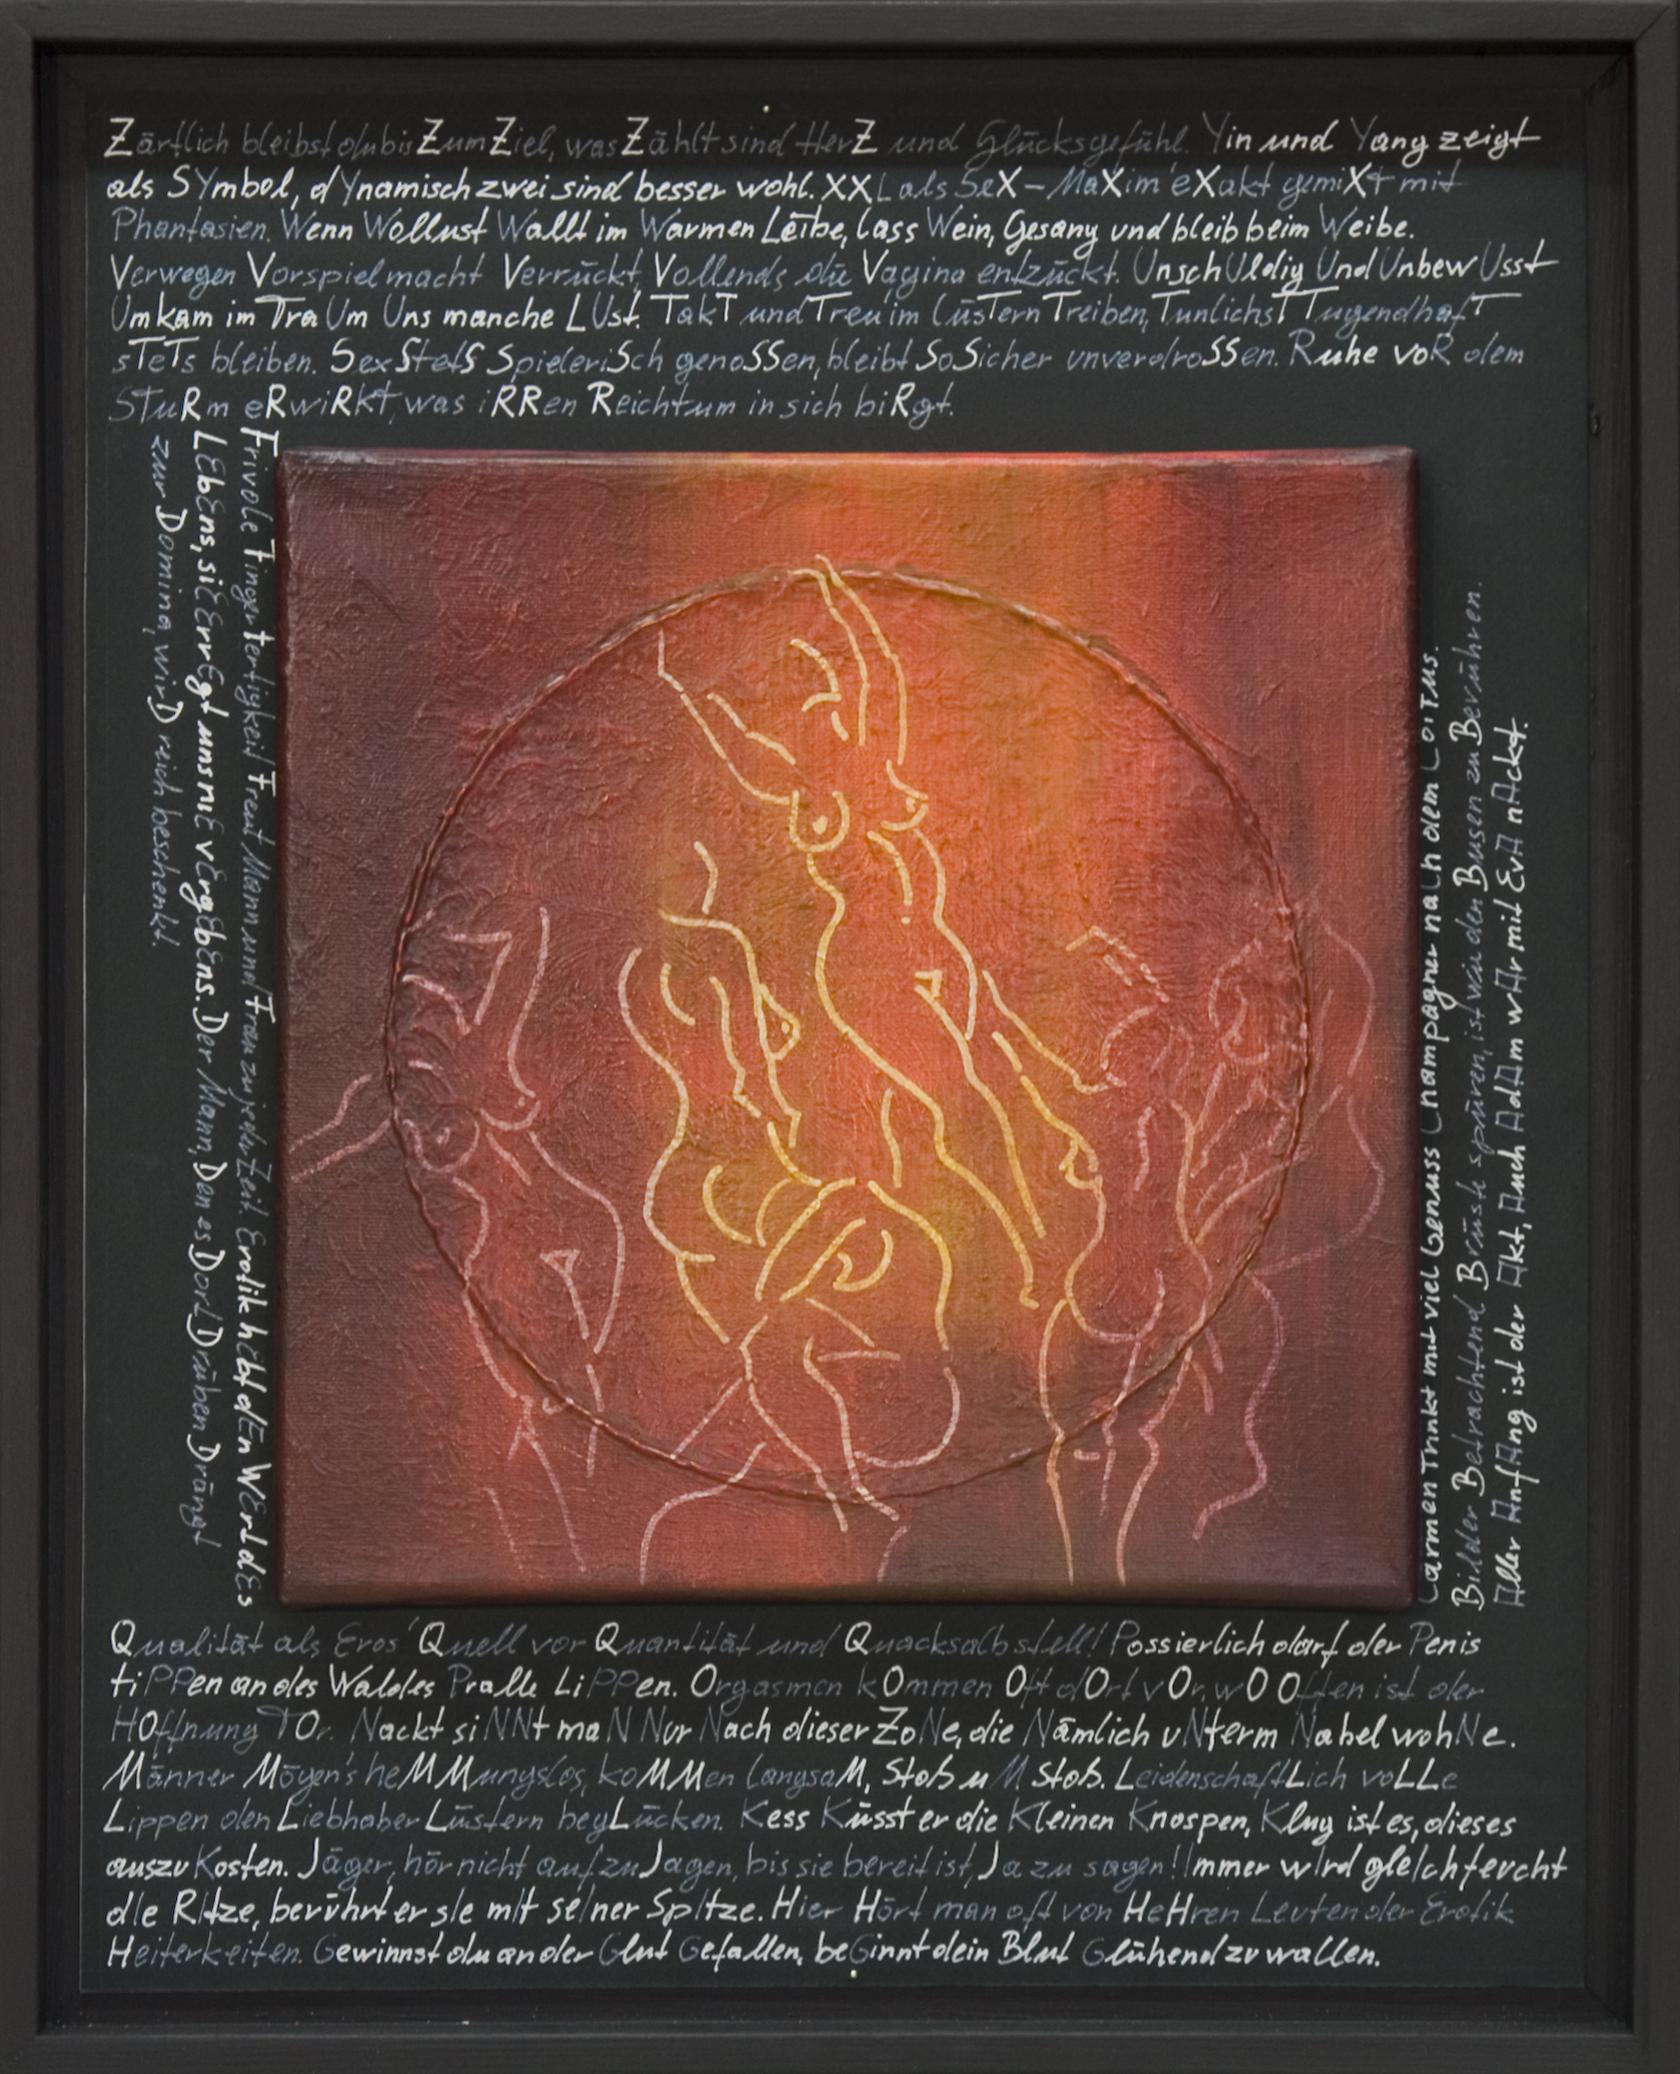 Akt / Schrift (Erotisches Alphabet) Kreide, Buntstift von Tonzeichenpapier 50x40cm 2015